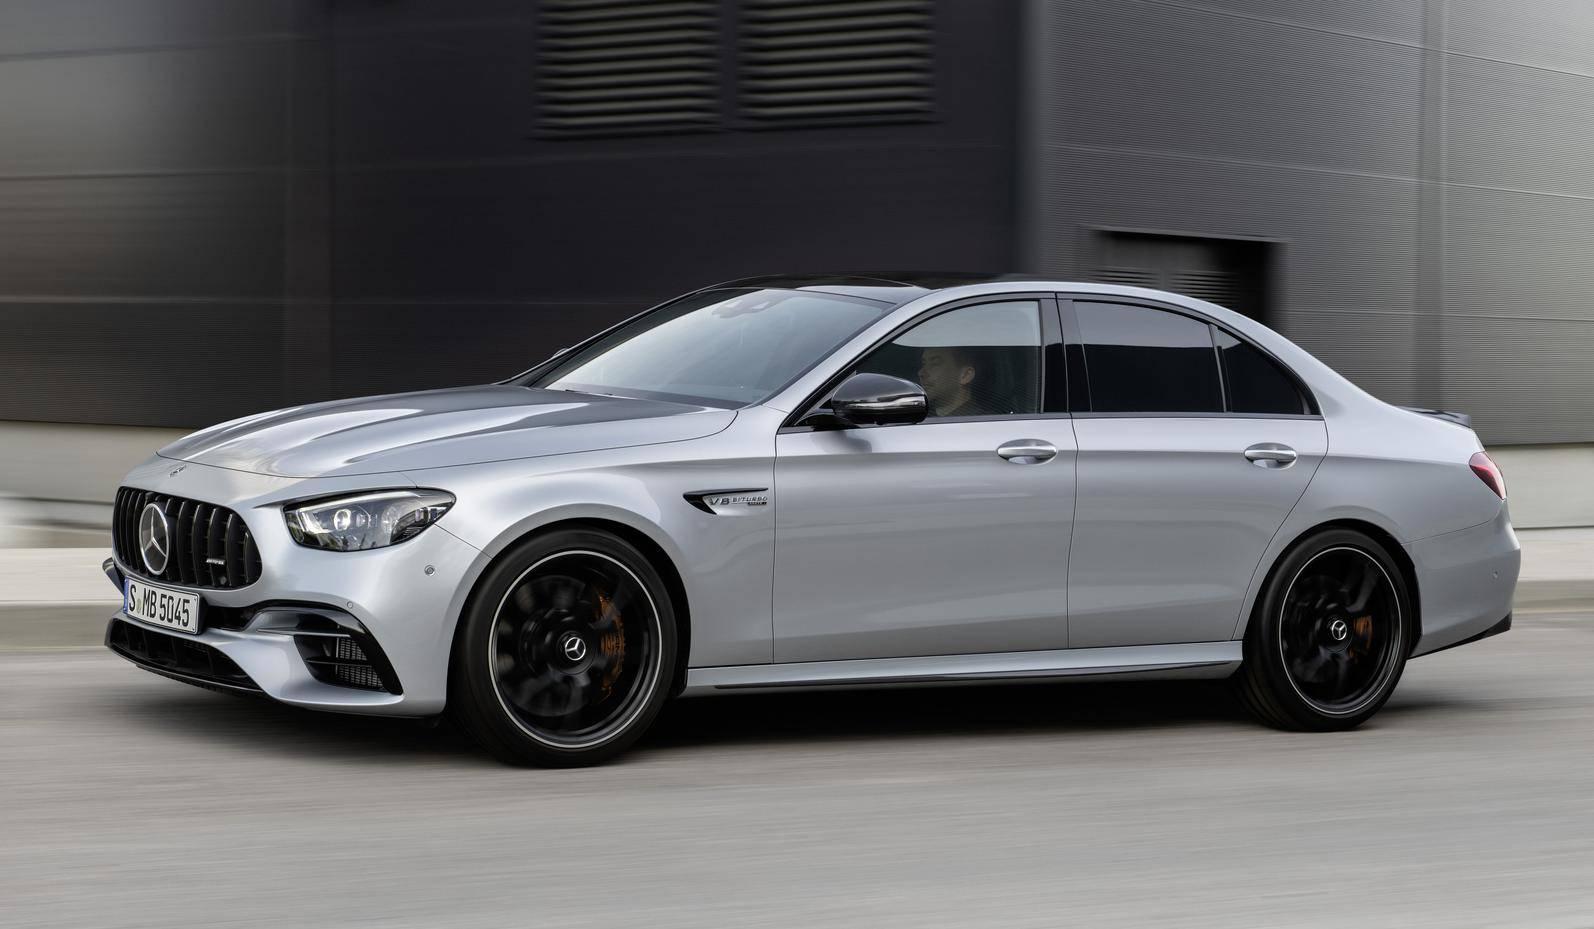 Mercedes-AMG E-Klasse Limousine (W 213), 2020